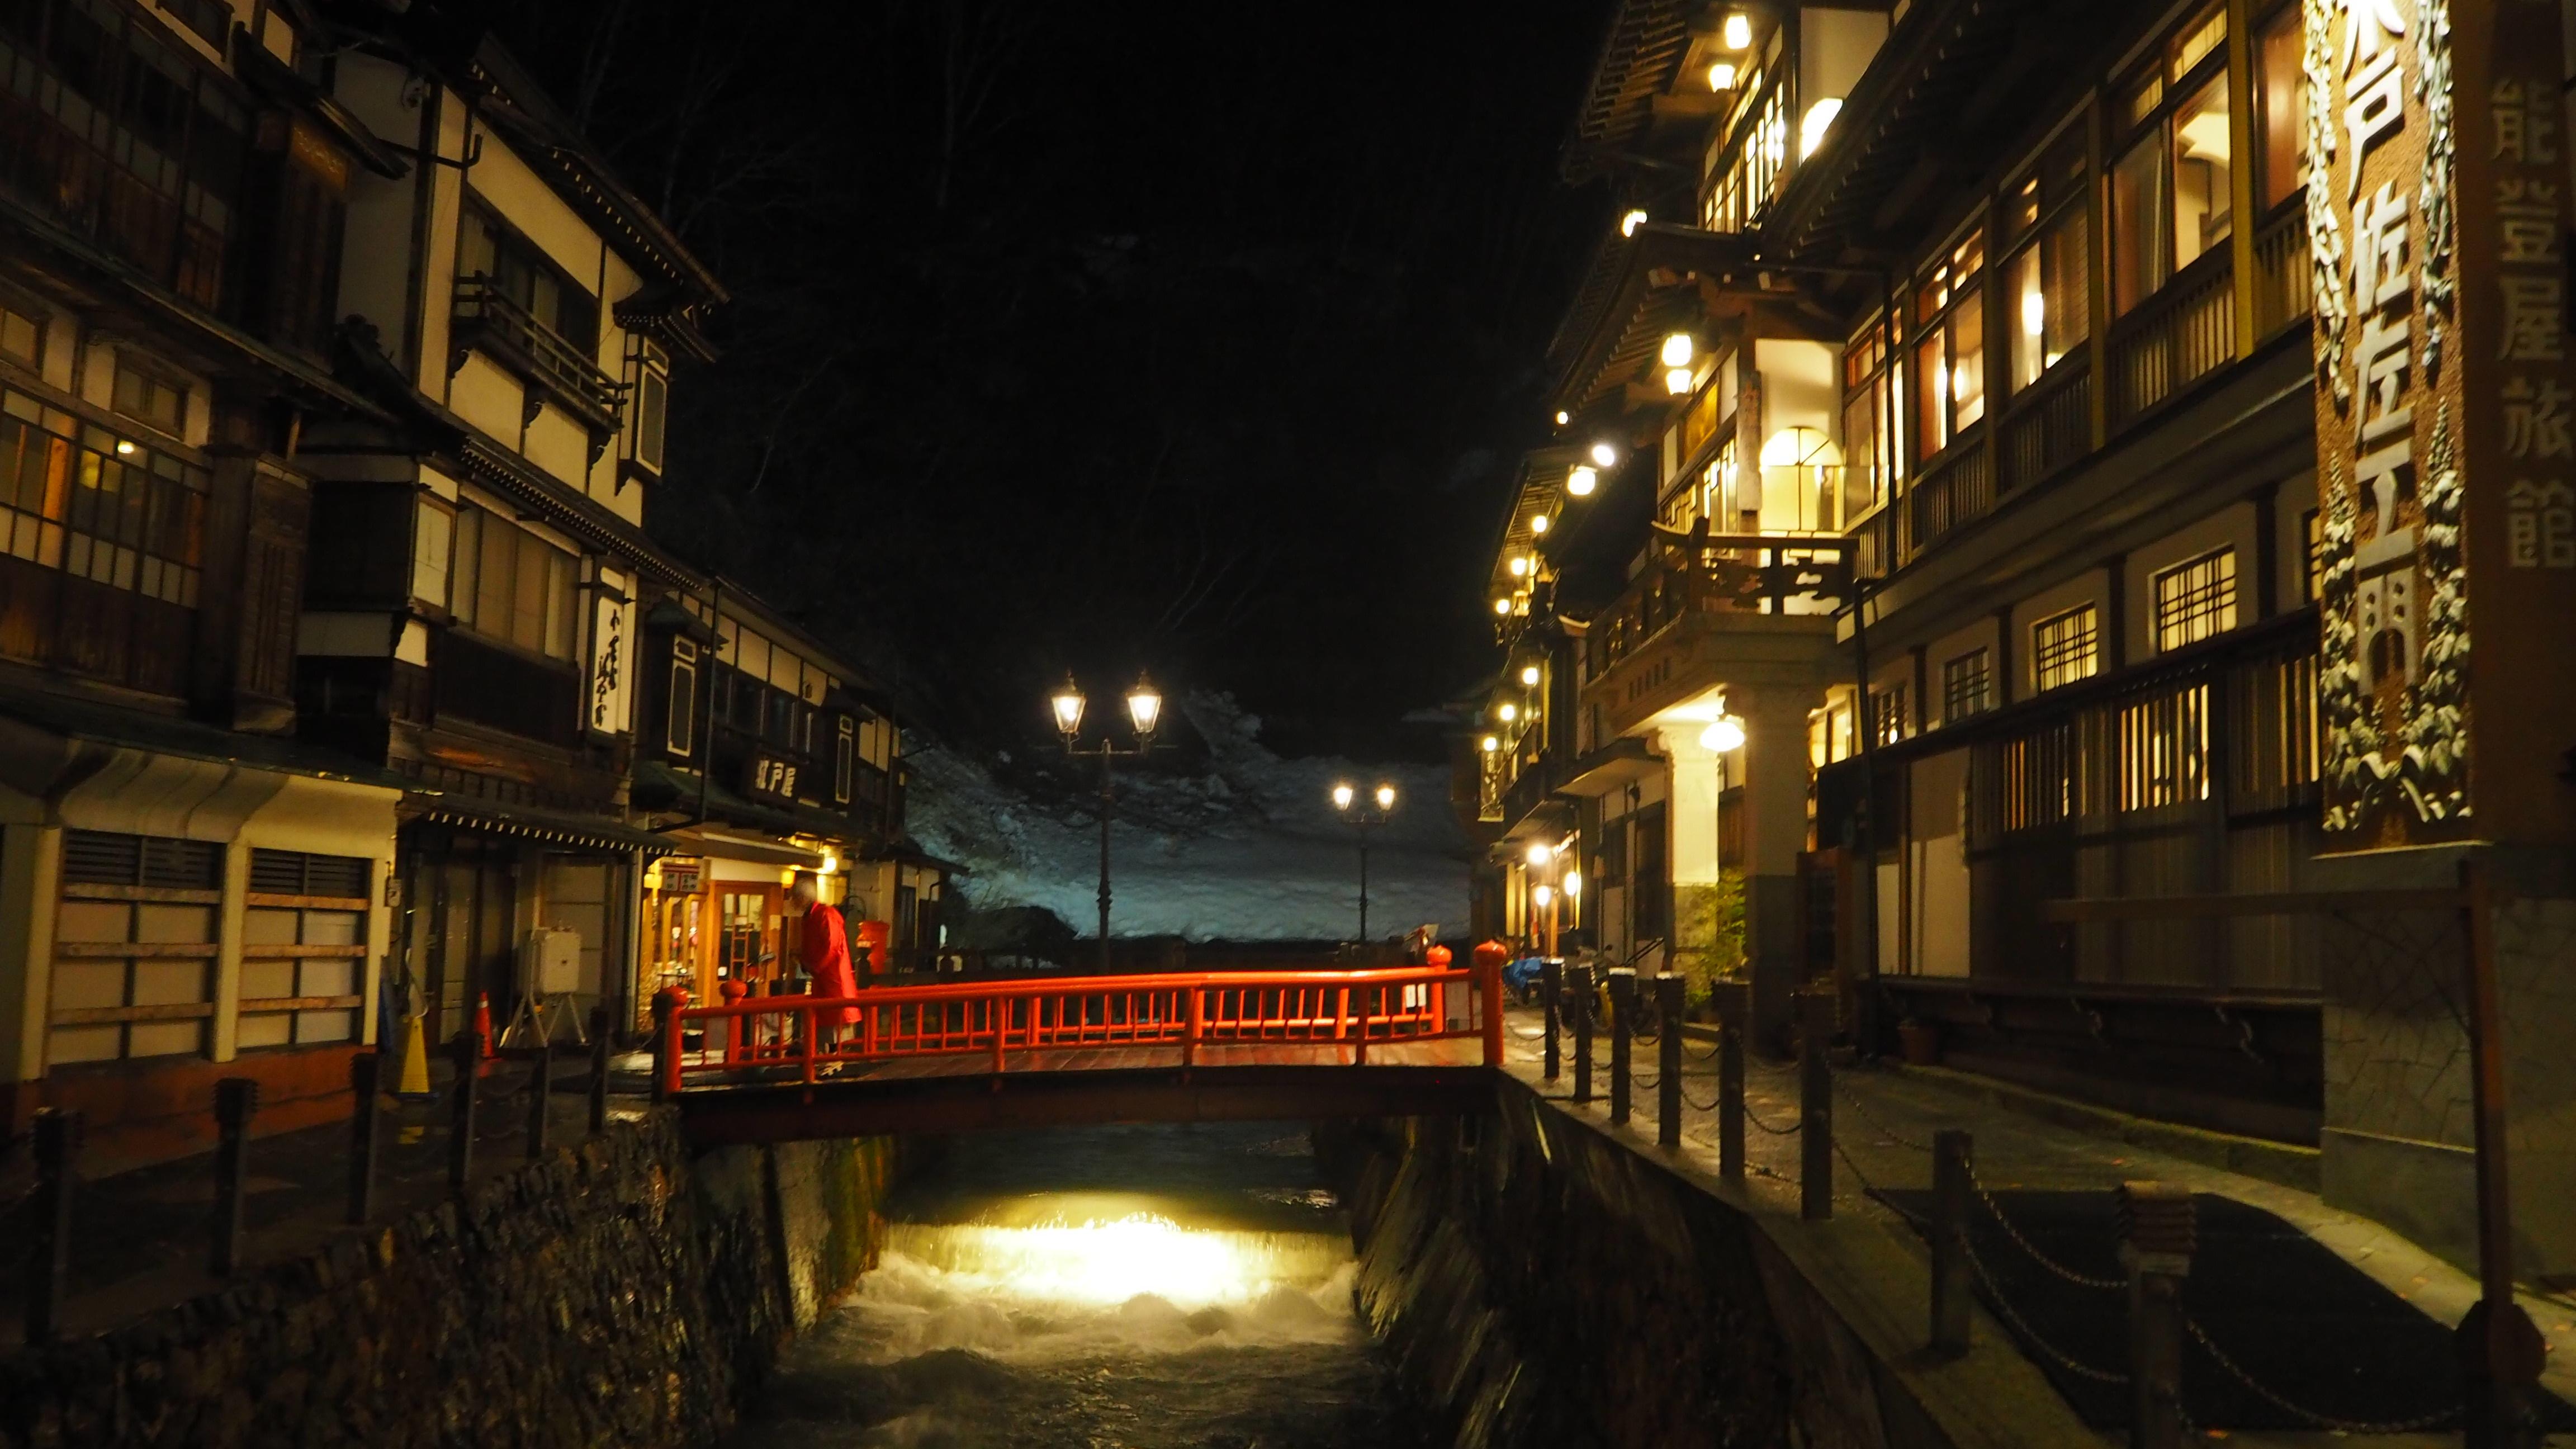 温泉街夜景